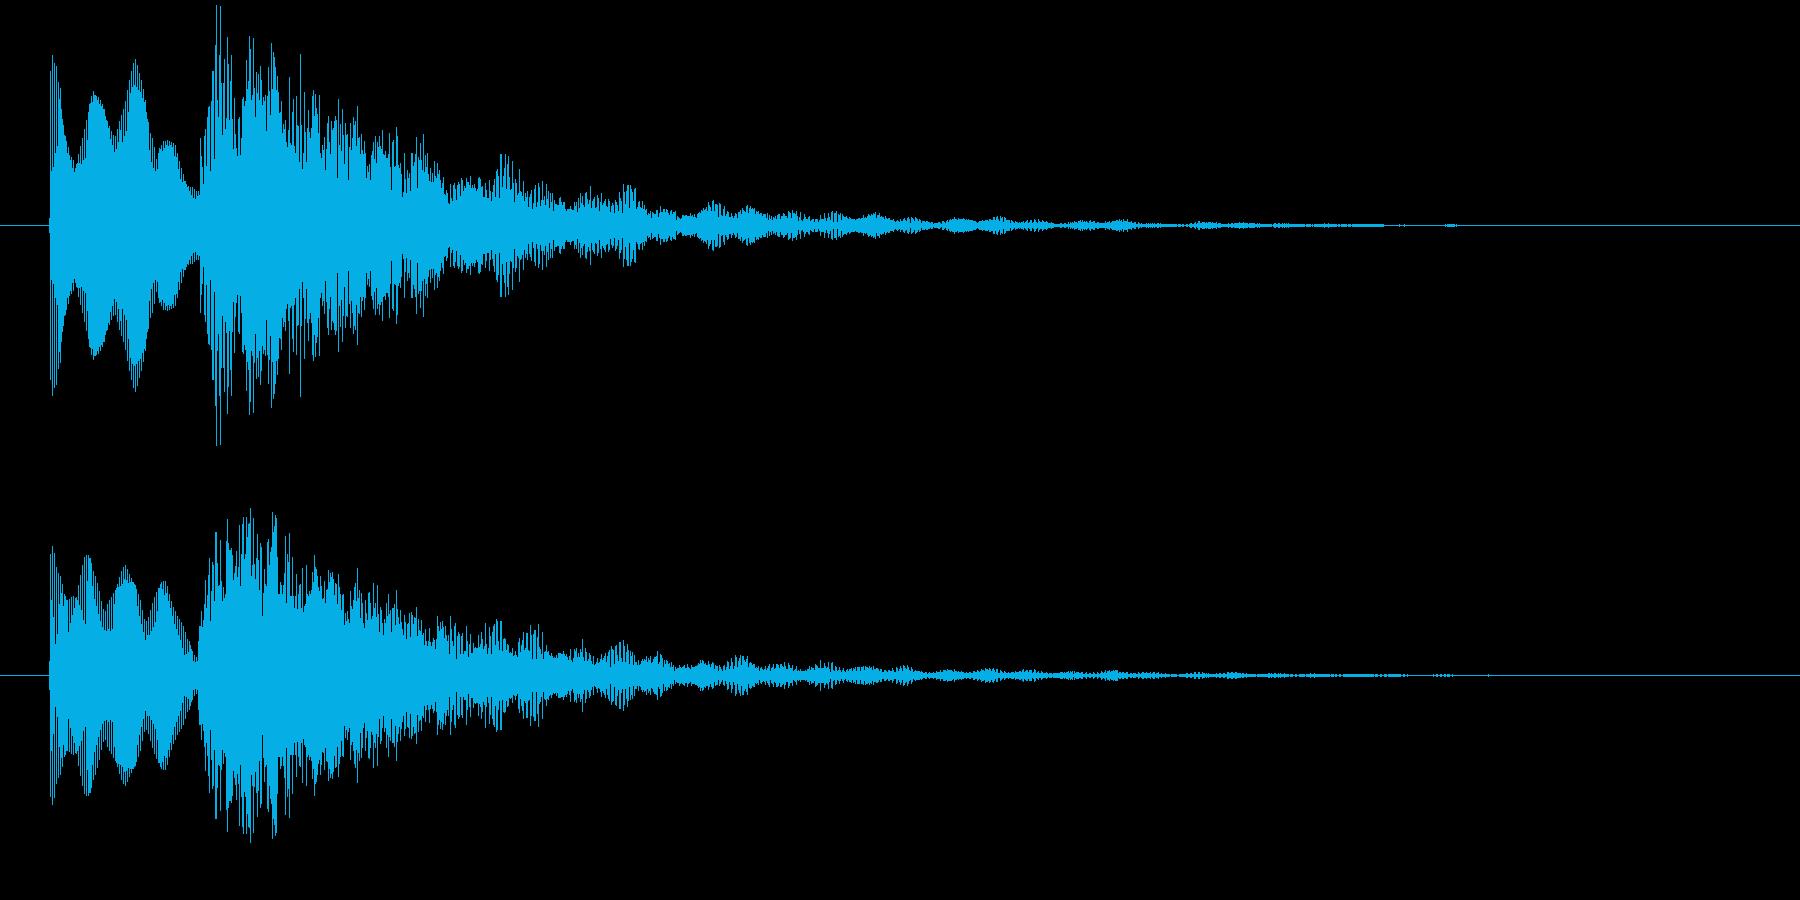 エレピの優しい音サウンドロゴ、ジングルにの再生済みの波形